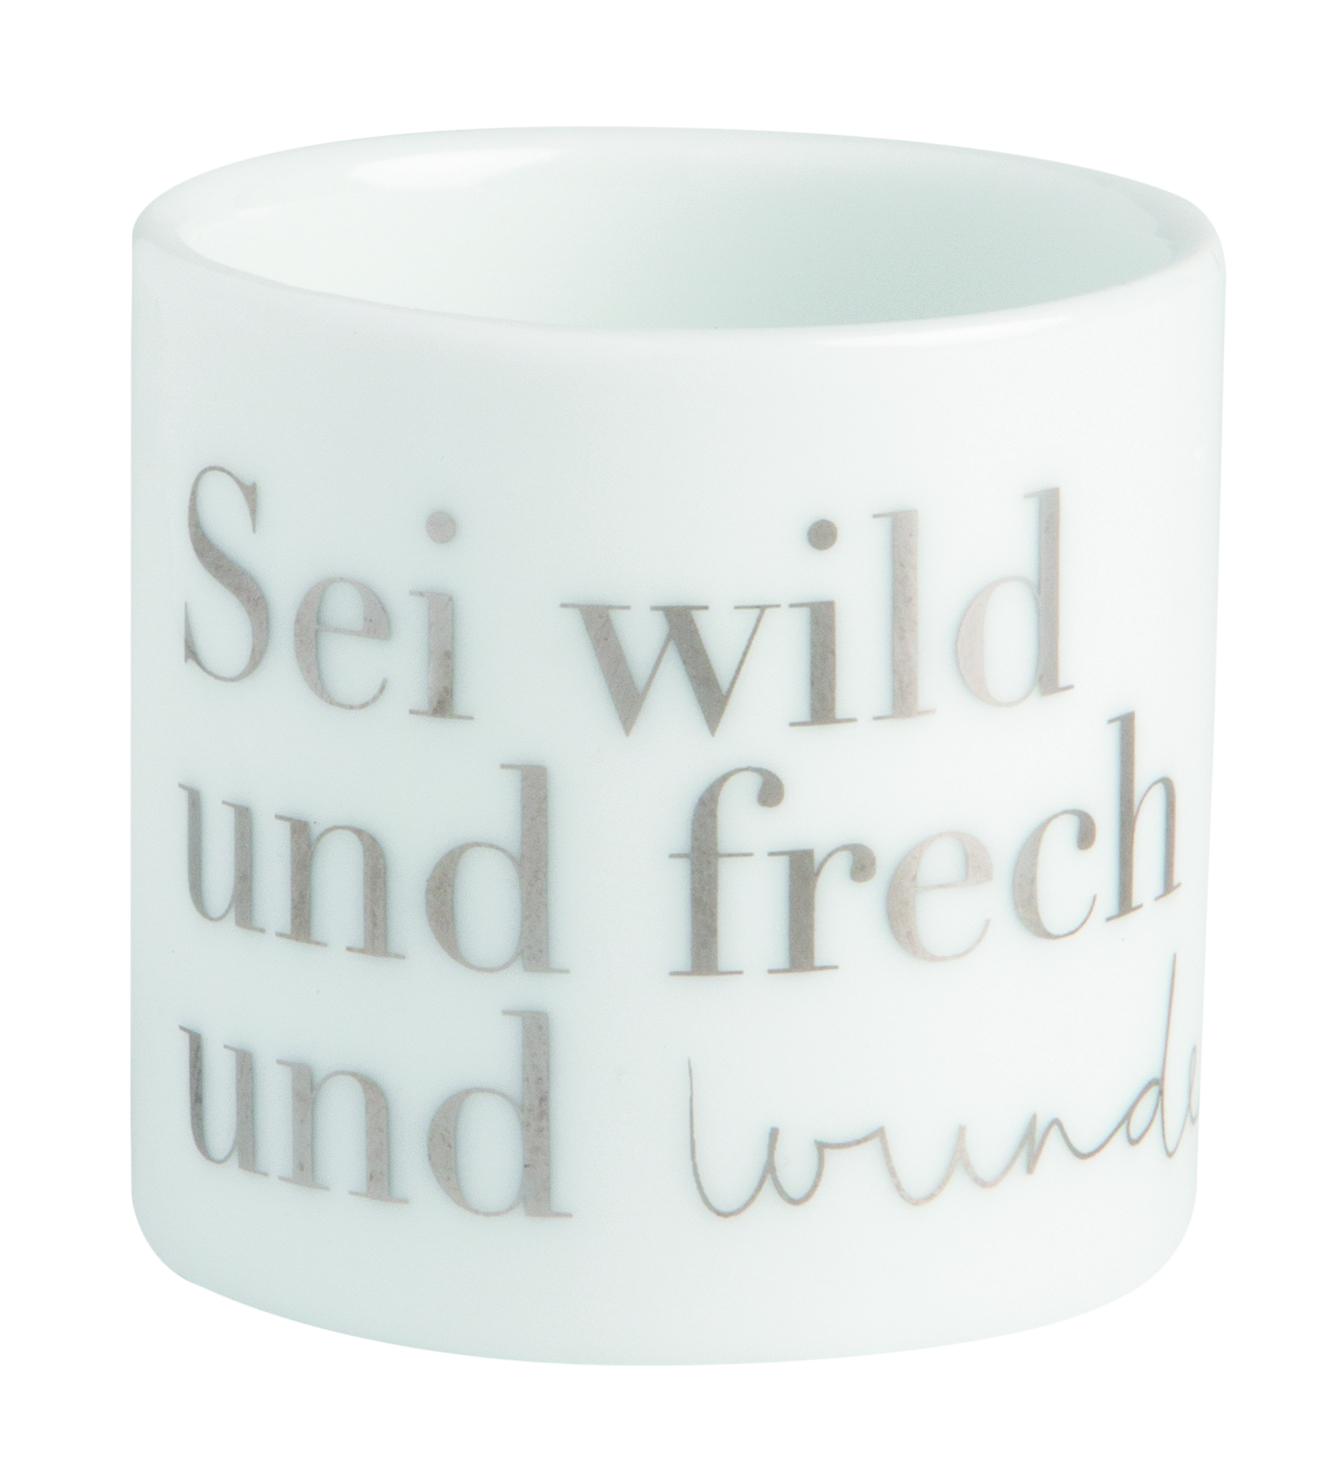 Nützlichdekoration - Teelichthalter Helle Freude Wunderbar räder - Onlineshop Tante Emmer